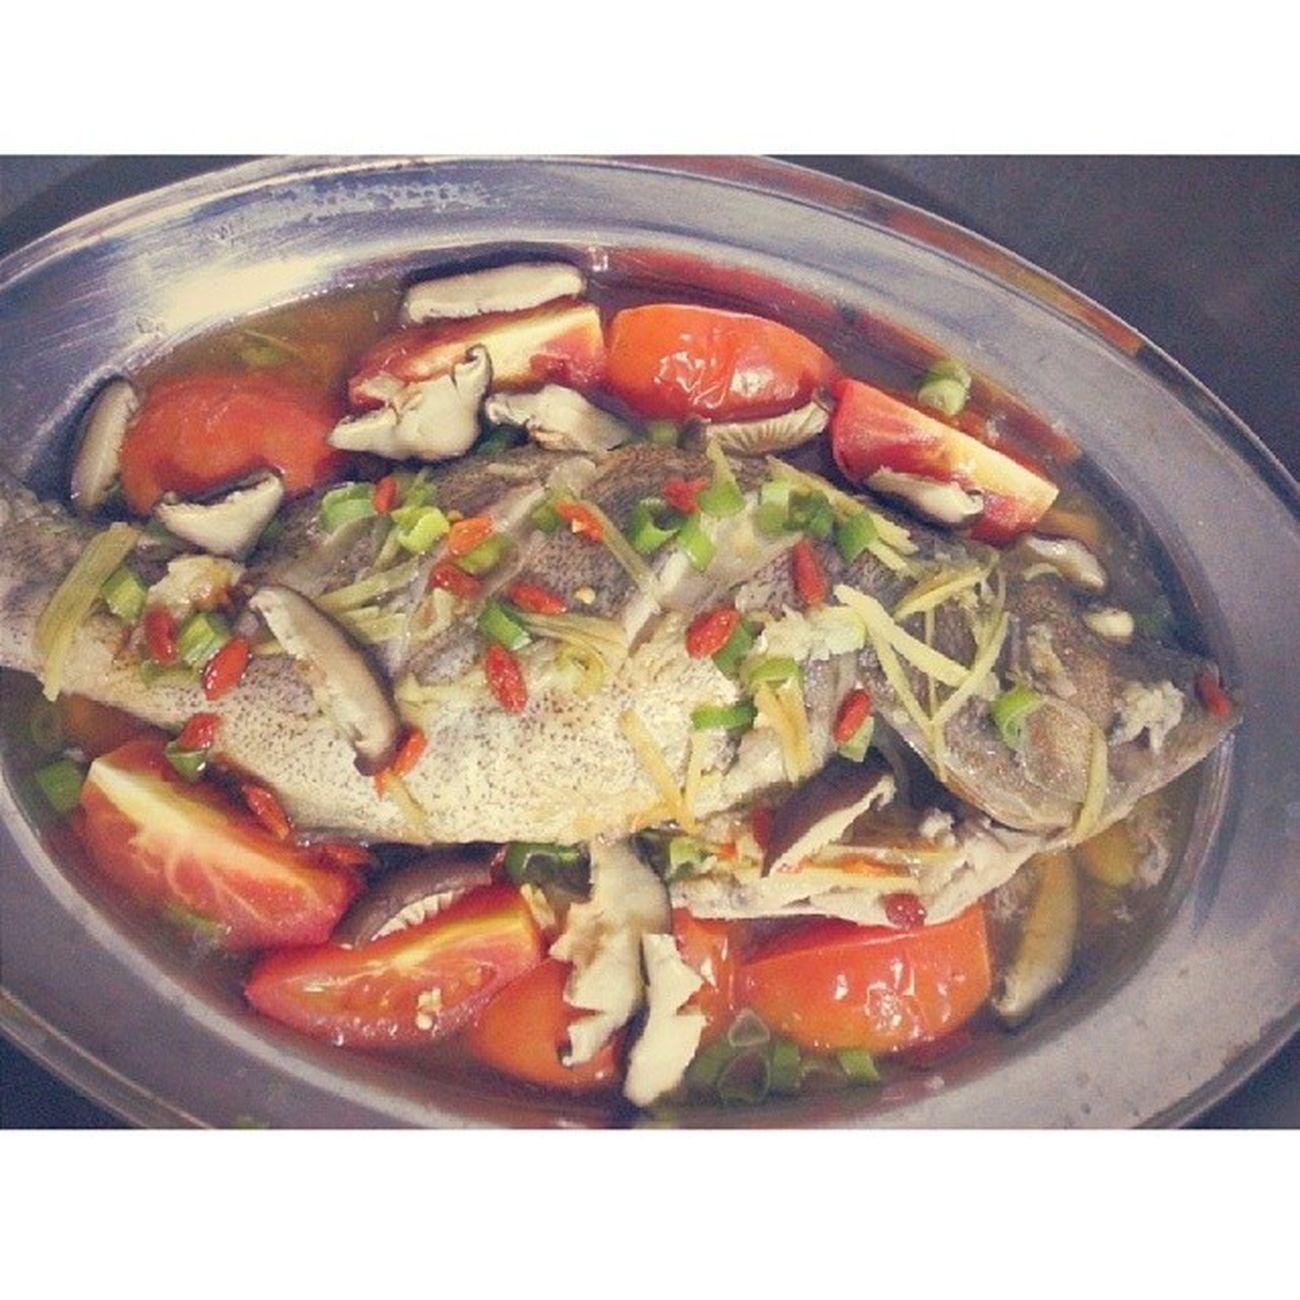 Nom nom nommm... ikan kerapu masak stim kita makan malam ni.. sadap ba ni. ??? Foodporn Food Ikankerapu